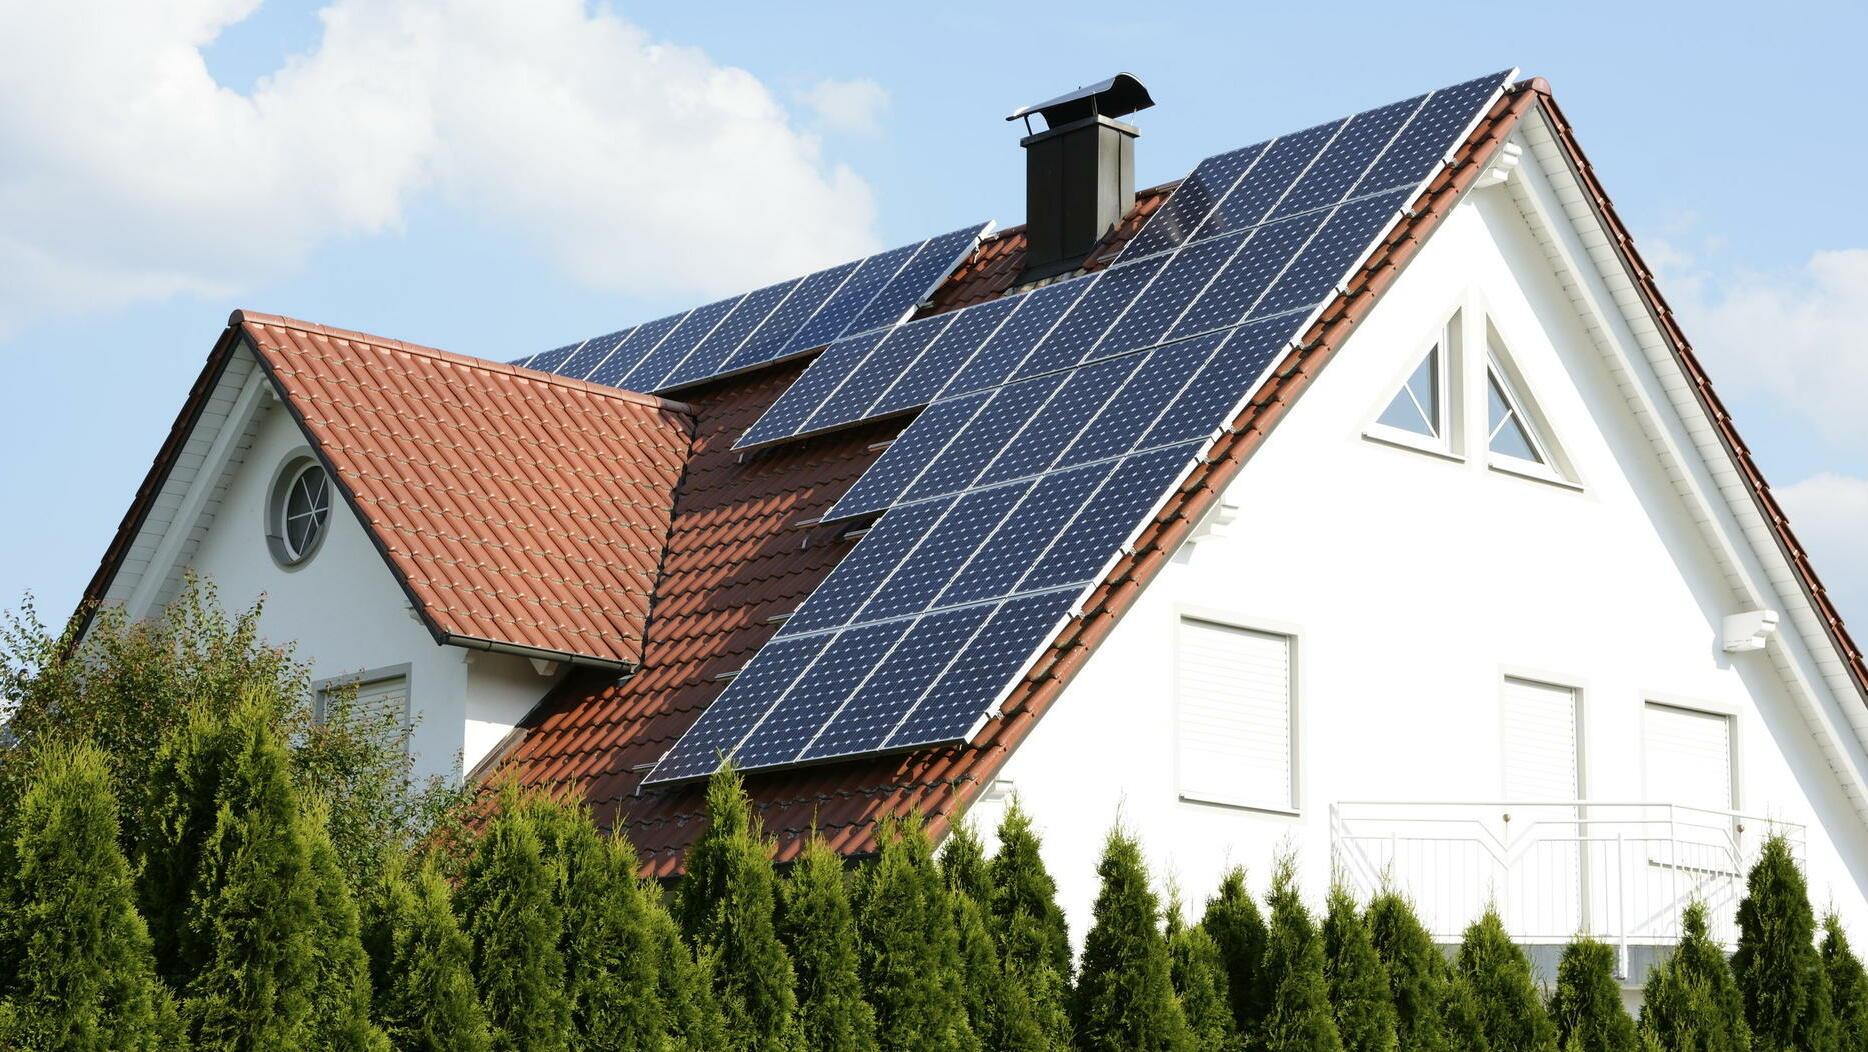 eon aufseher kritisiert energiepolitik der bundesregierung. Black Bedroom Furniture Sets. Home Design Ideas